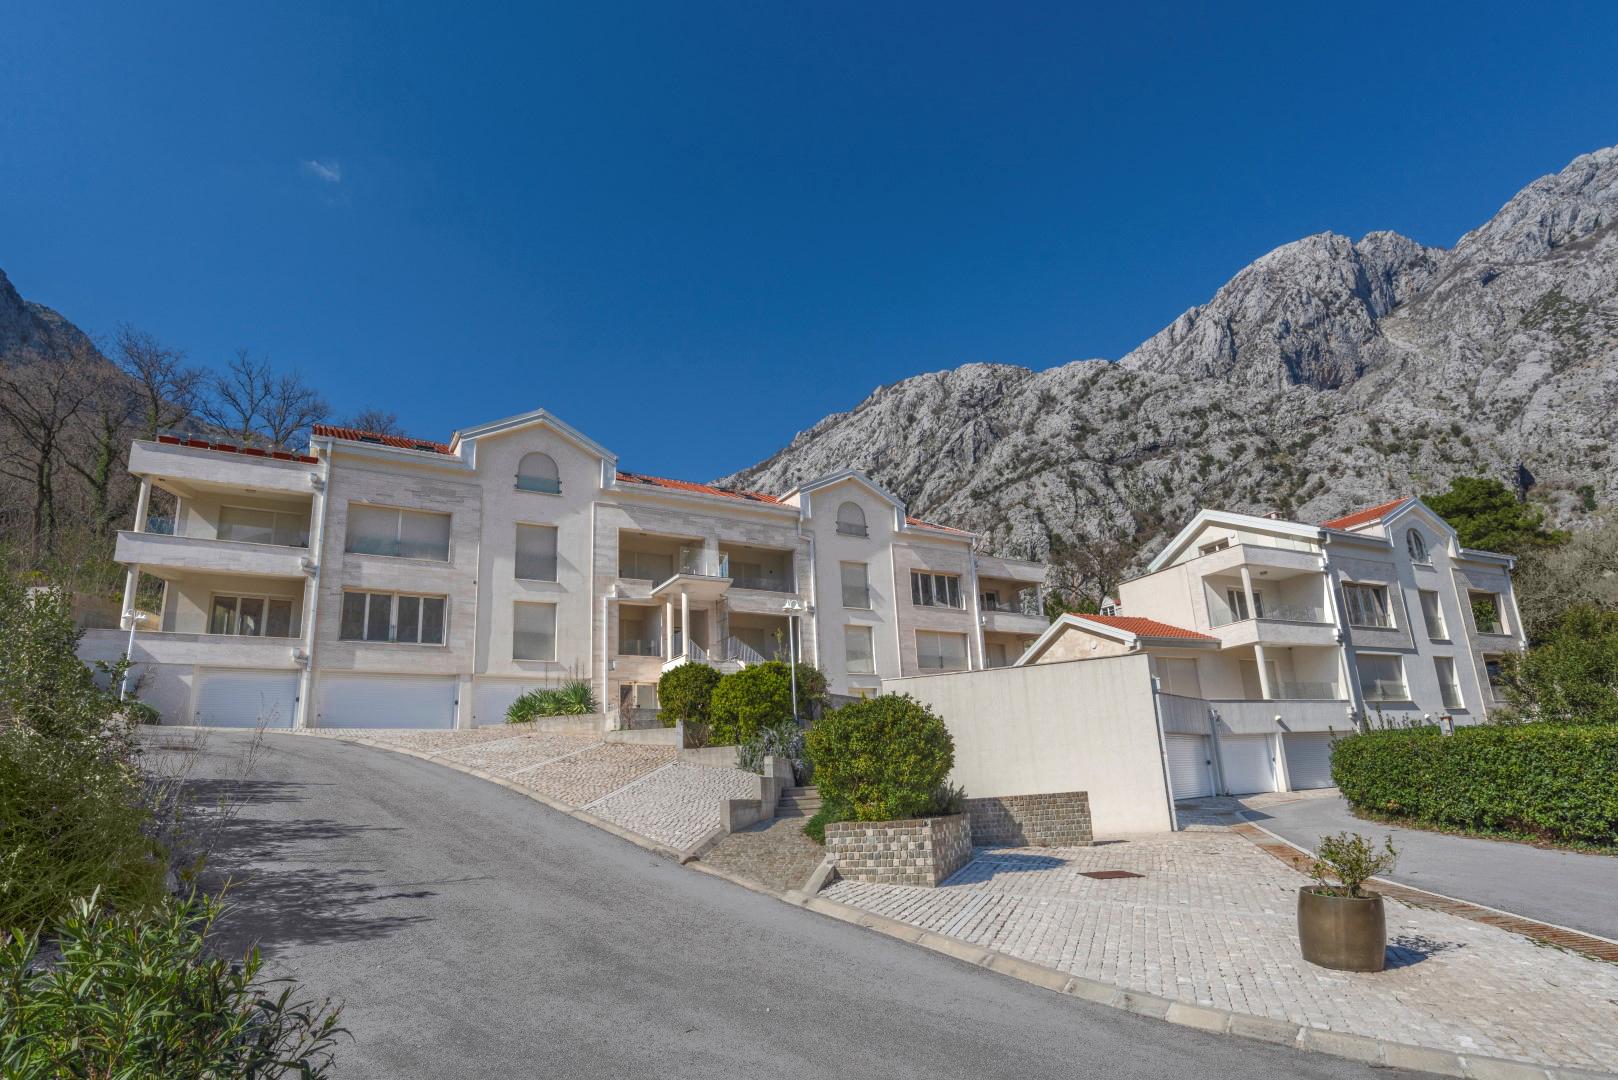 Kotor, Orahovac – luksuzni apartmani blizu mora